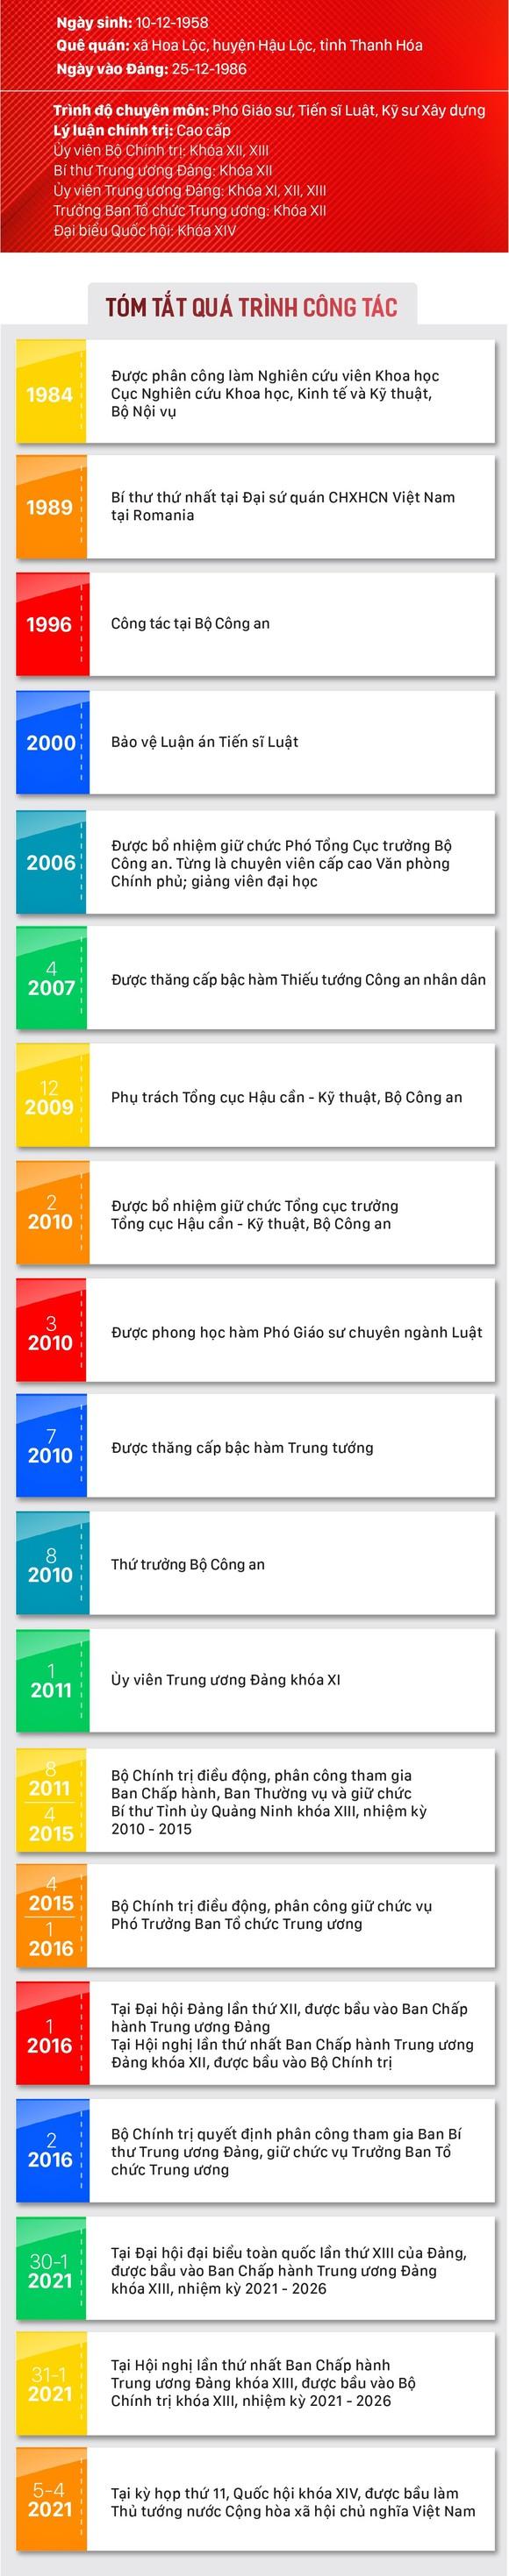 Đồng chí Phạm Minh Chính trở thành Thủ tướng Chính phủ ảnh 5